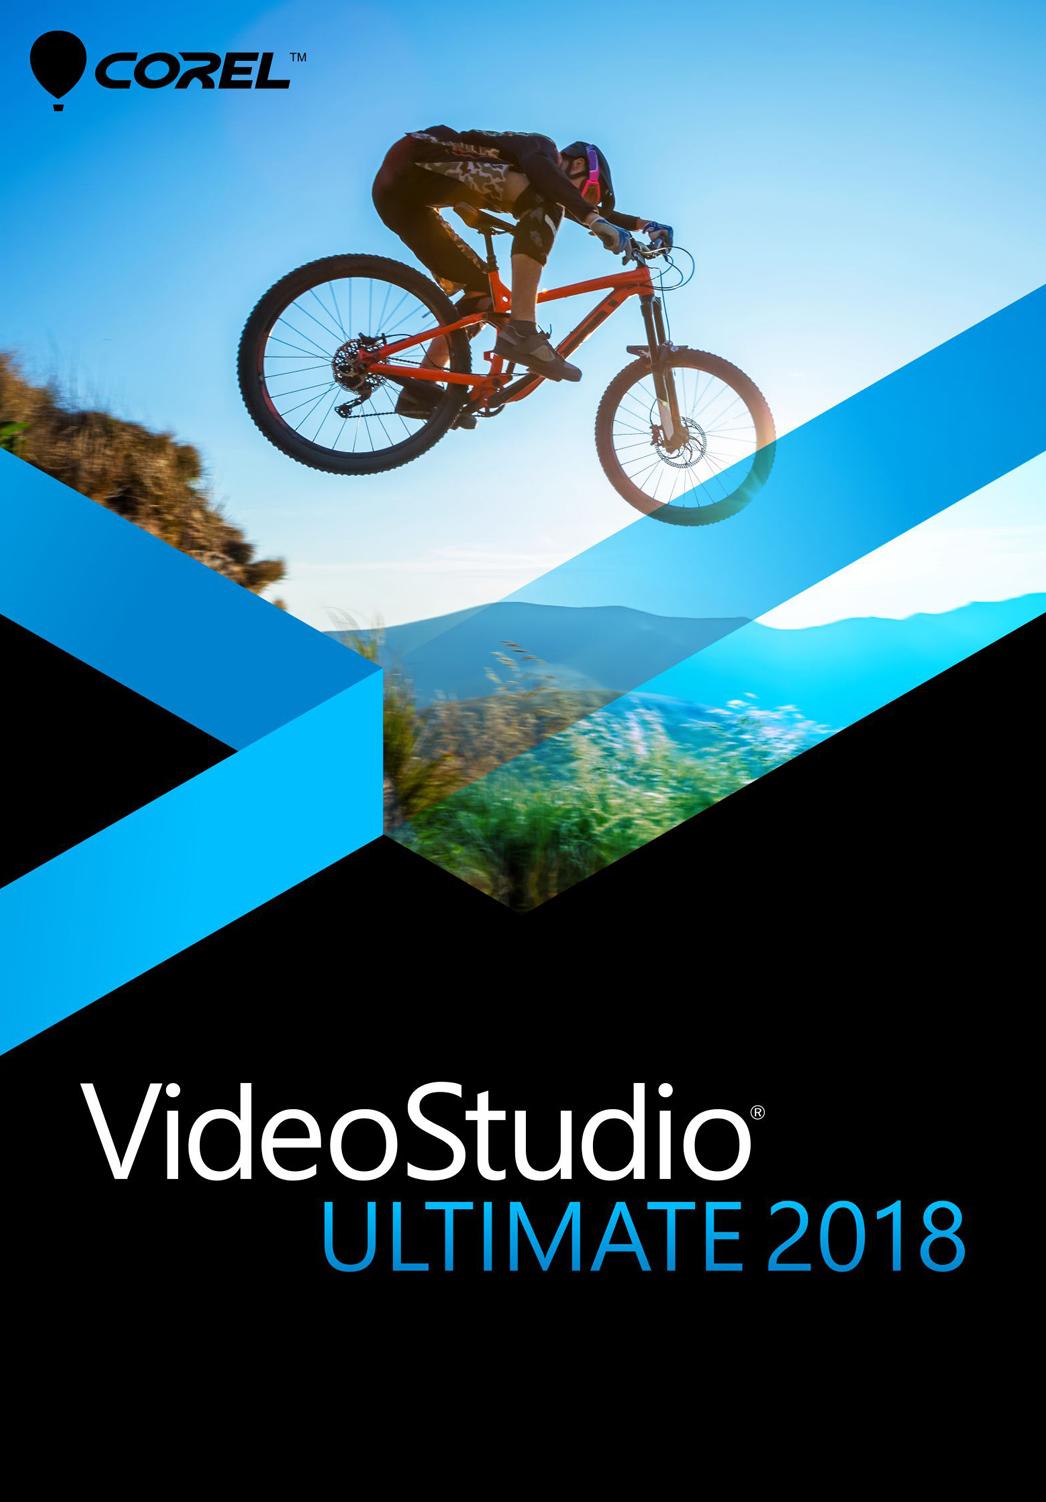 دانلود Corel VideoStudio Ultimate 2018 v21.3.0.141 کورل ویدیو استودیو